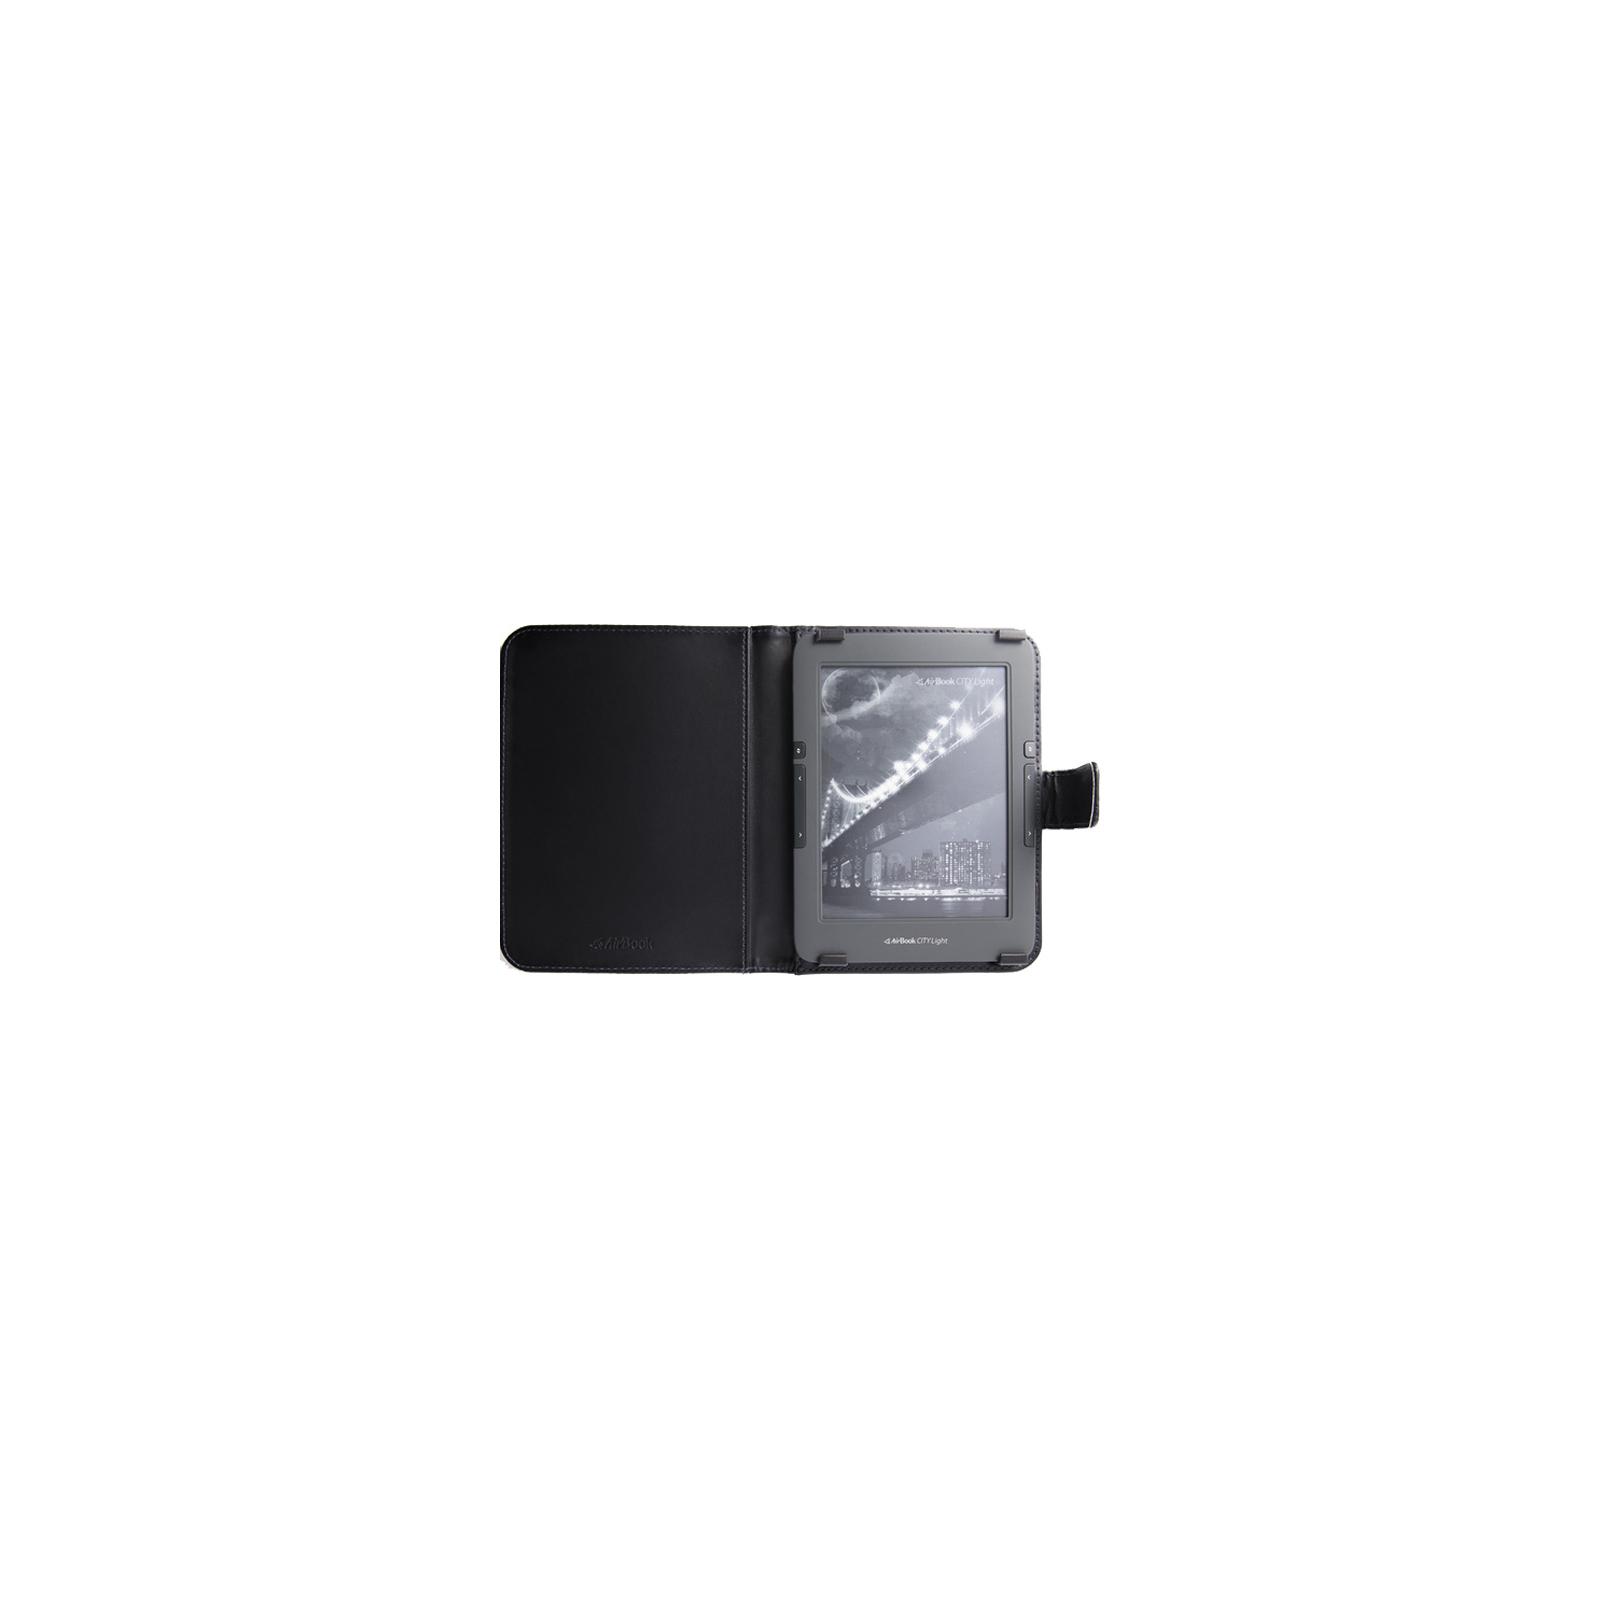 Чехол для электронной книги AirOn для AirBook City Light Touch (6946795850182) изображение 2